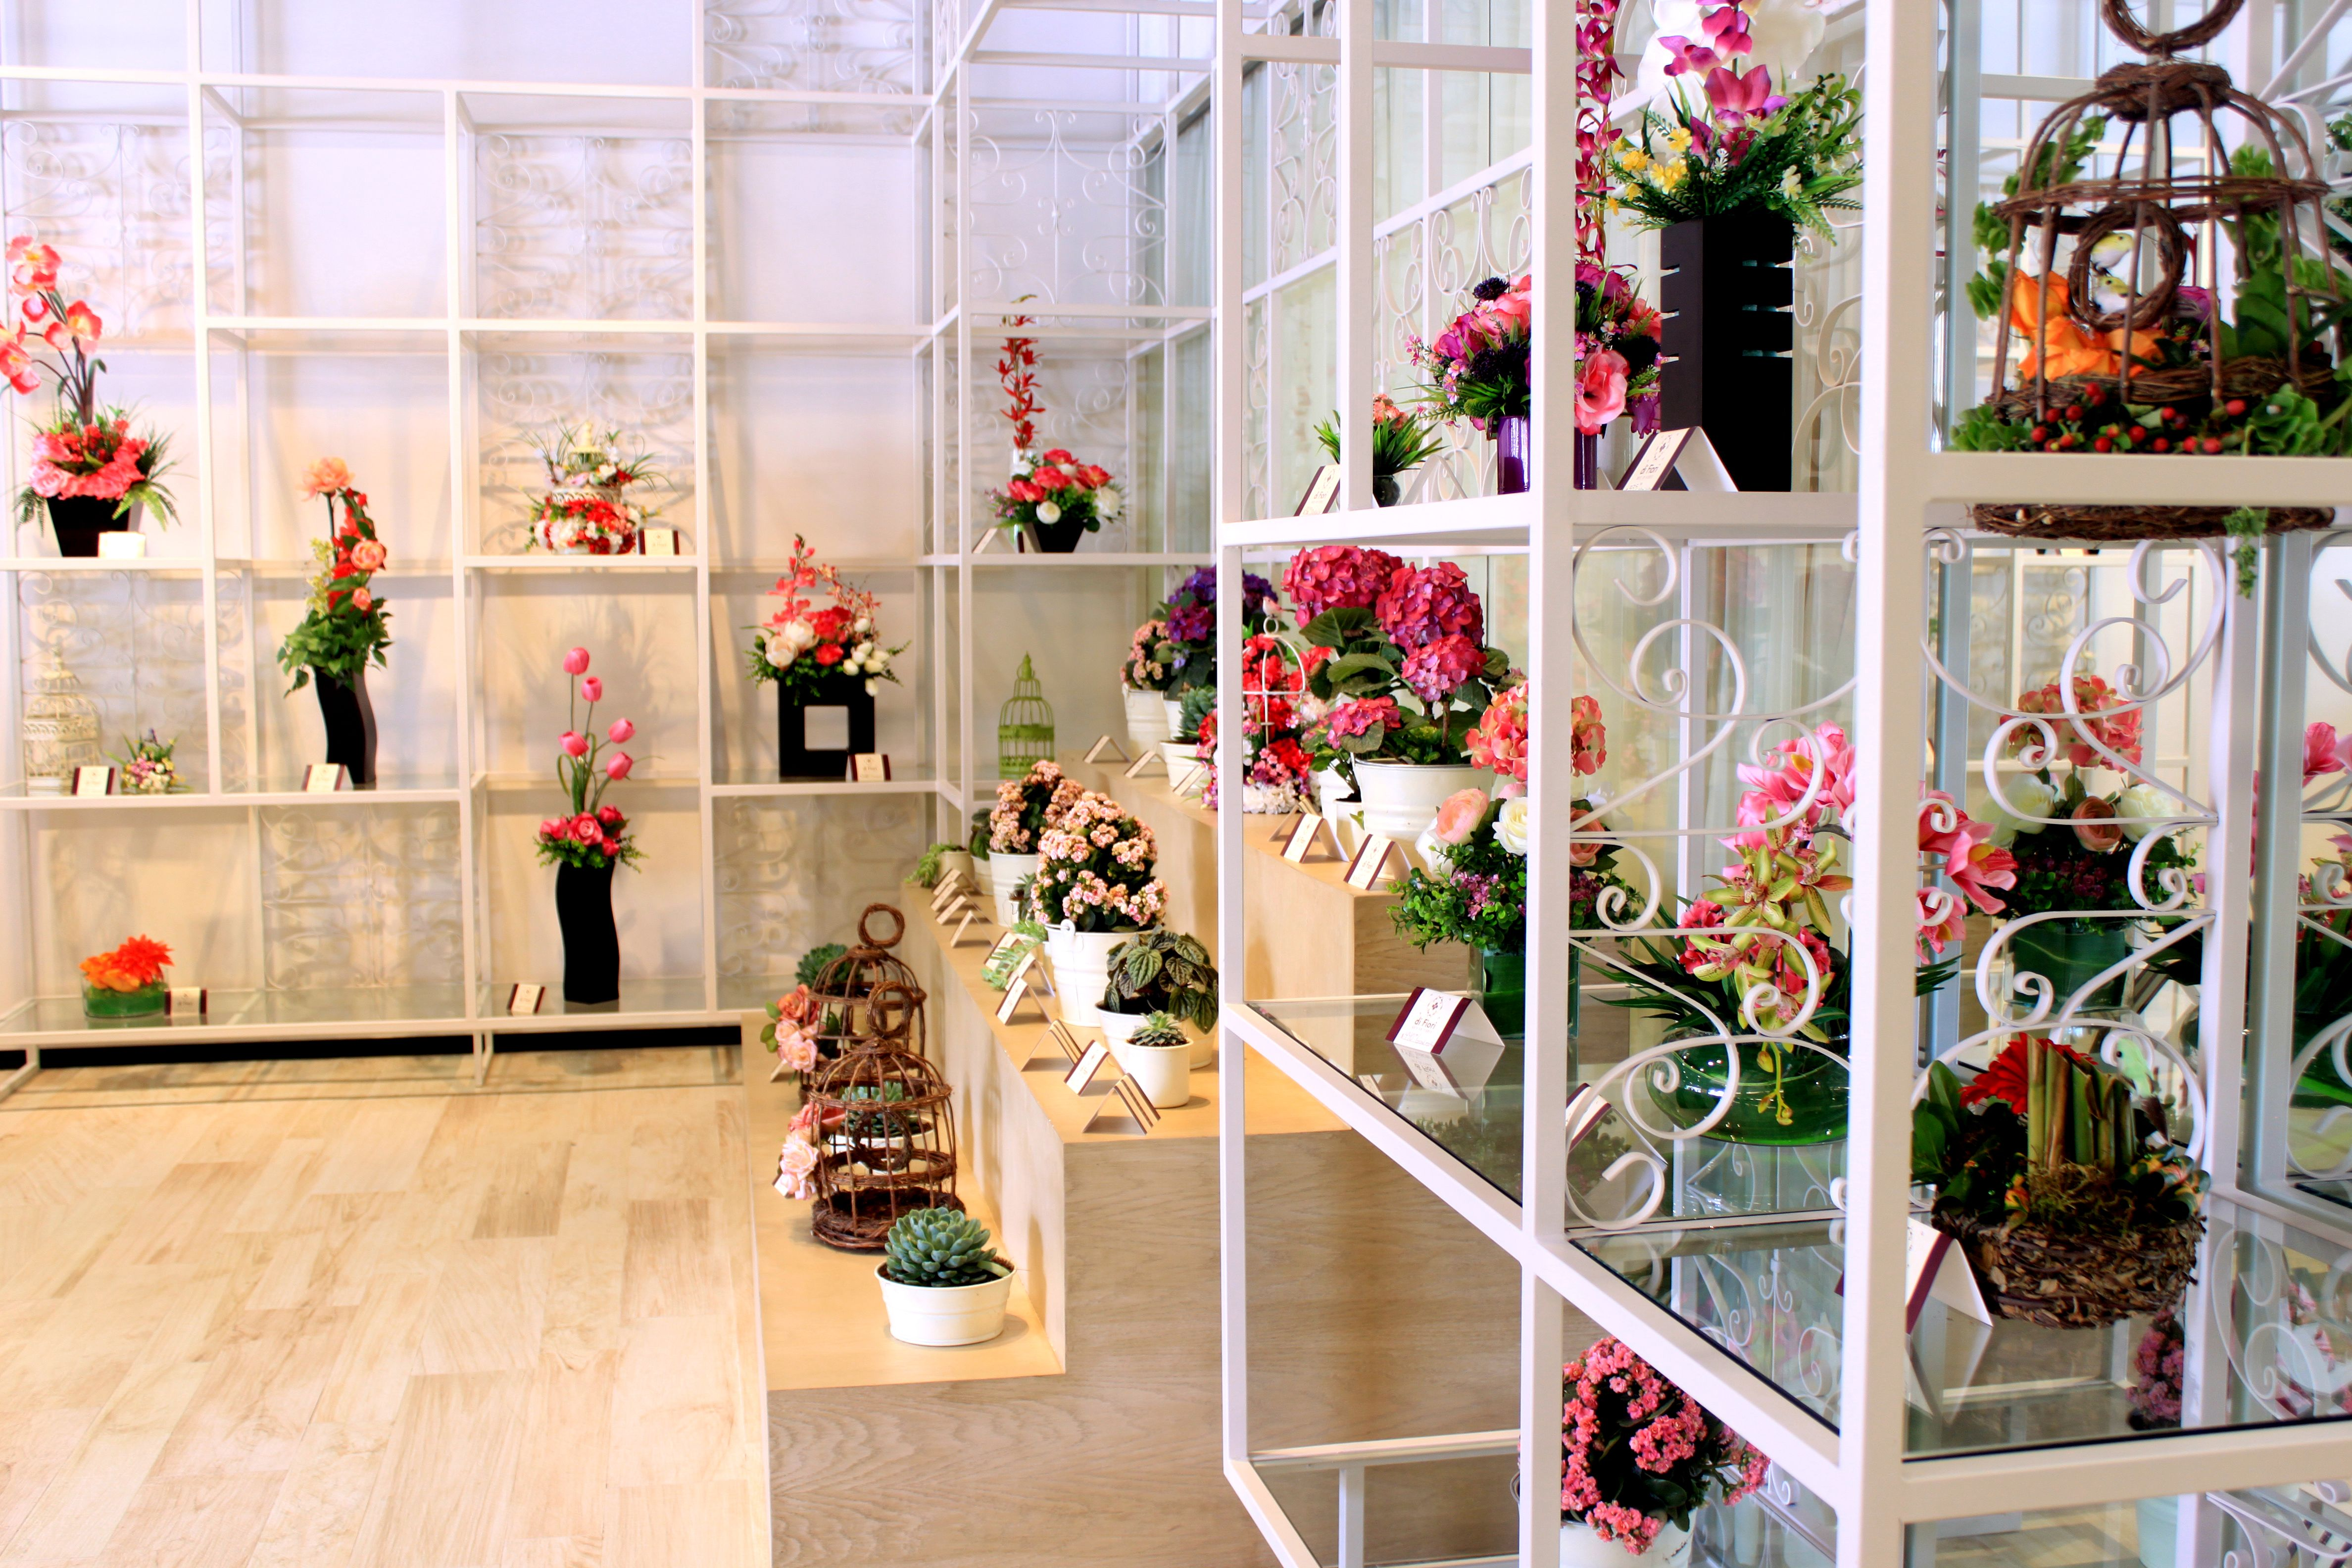 Arreglos florales exhibici n de flores dise os creativos for Disenos para boutique